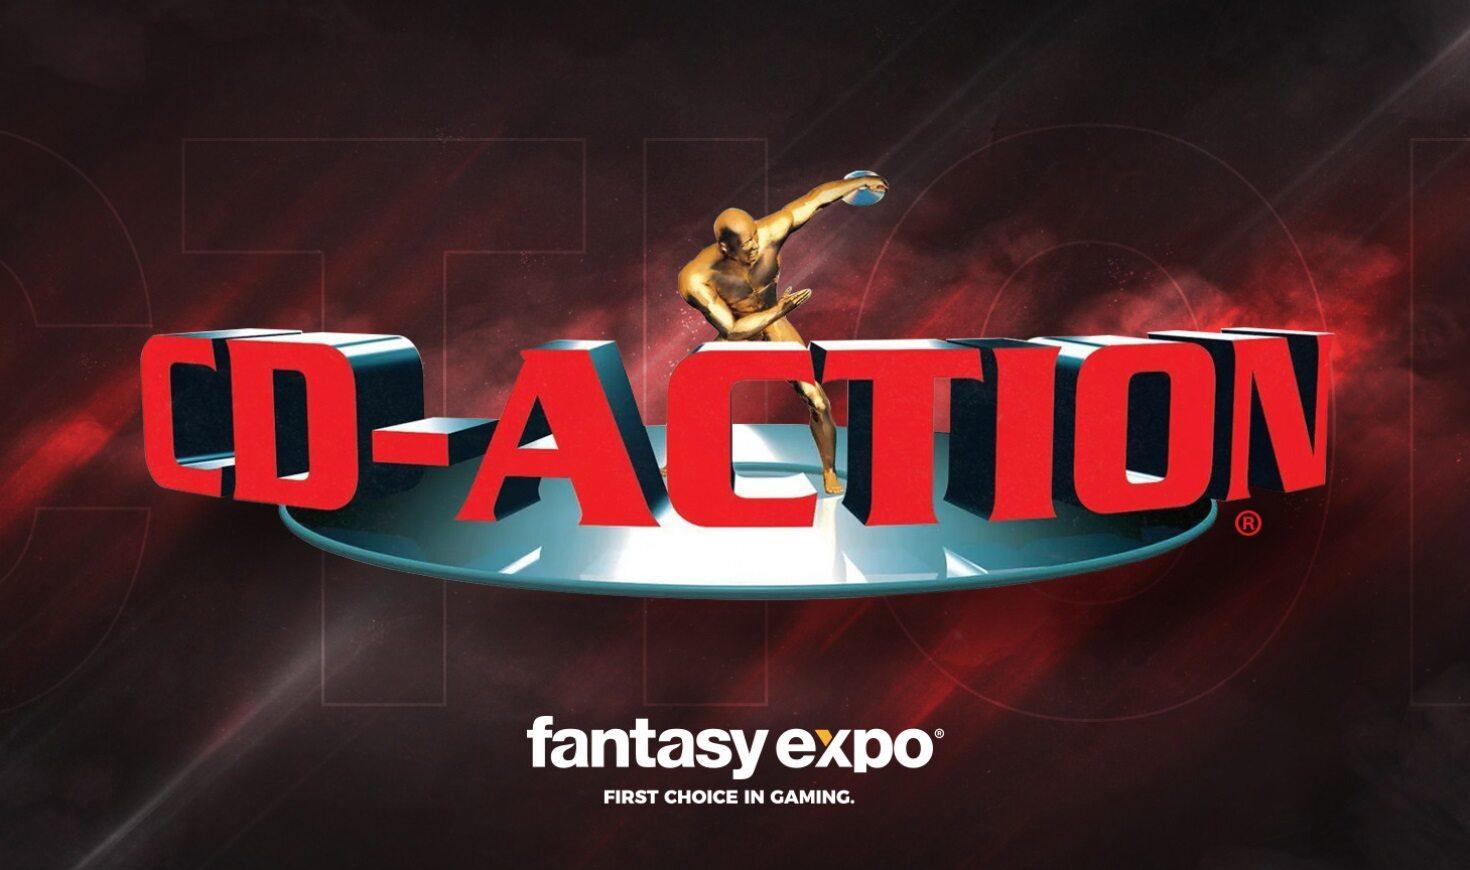 CD-Action przejęte przez agencję Fantasy expo